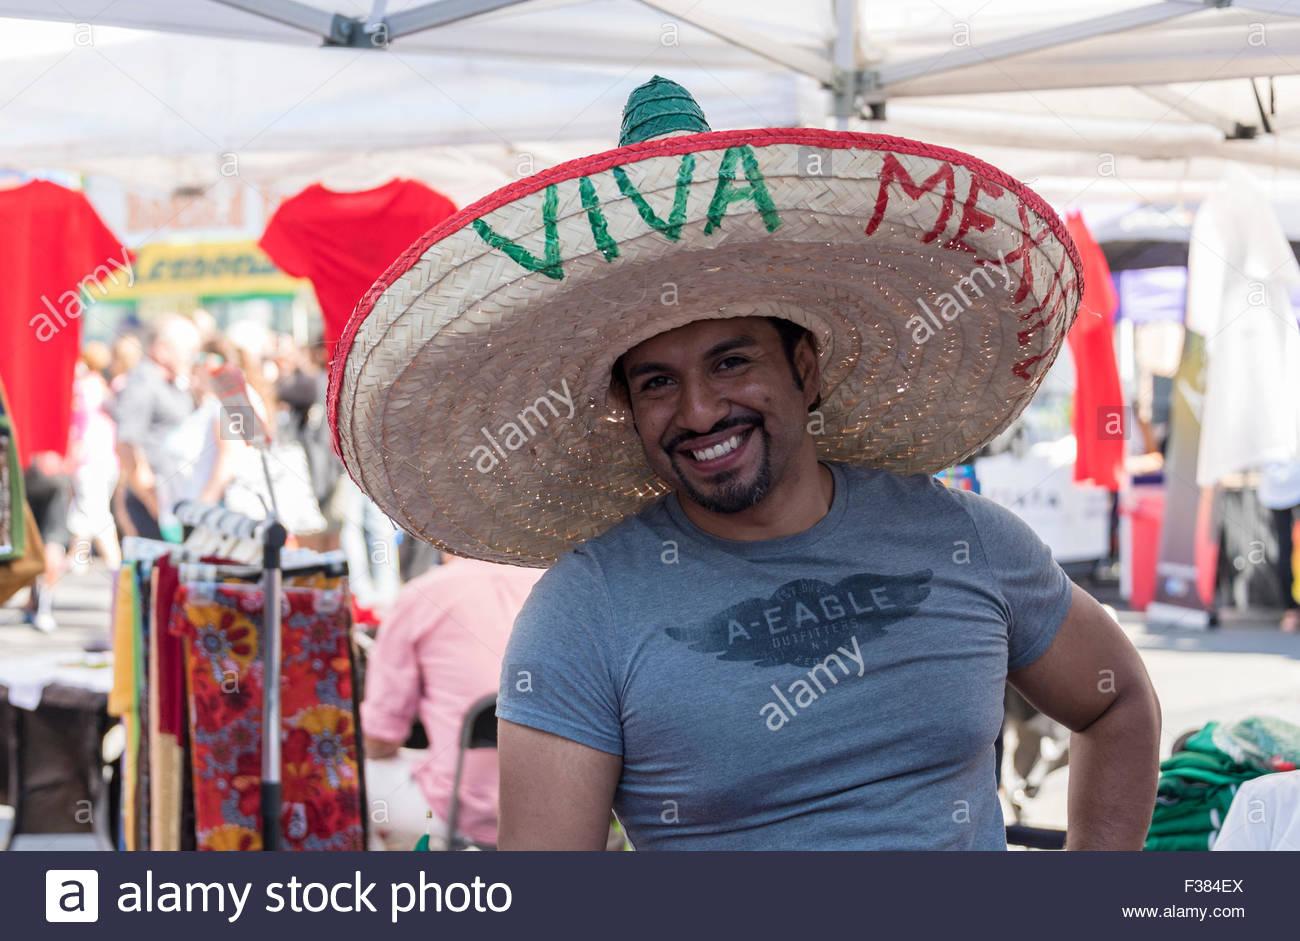 78cb3accfb141 Hombre que llevaba un Sombrero Mexicano Hat en MexFest 2015 en Toronto. El  sombrero tiene